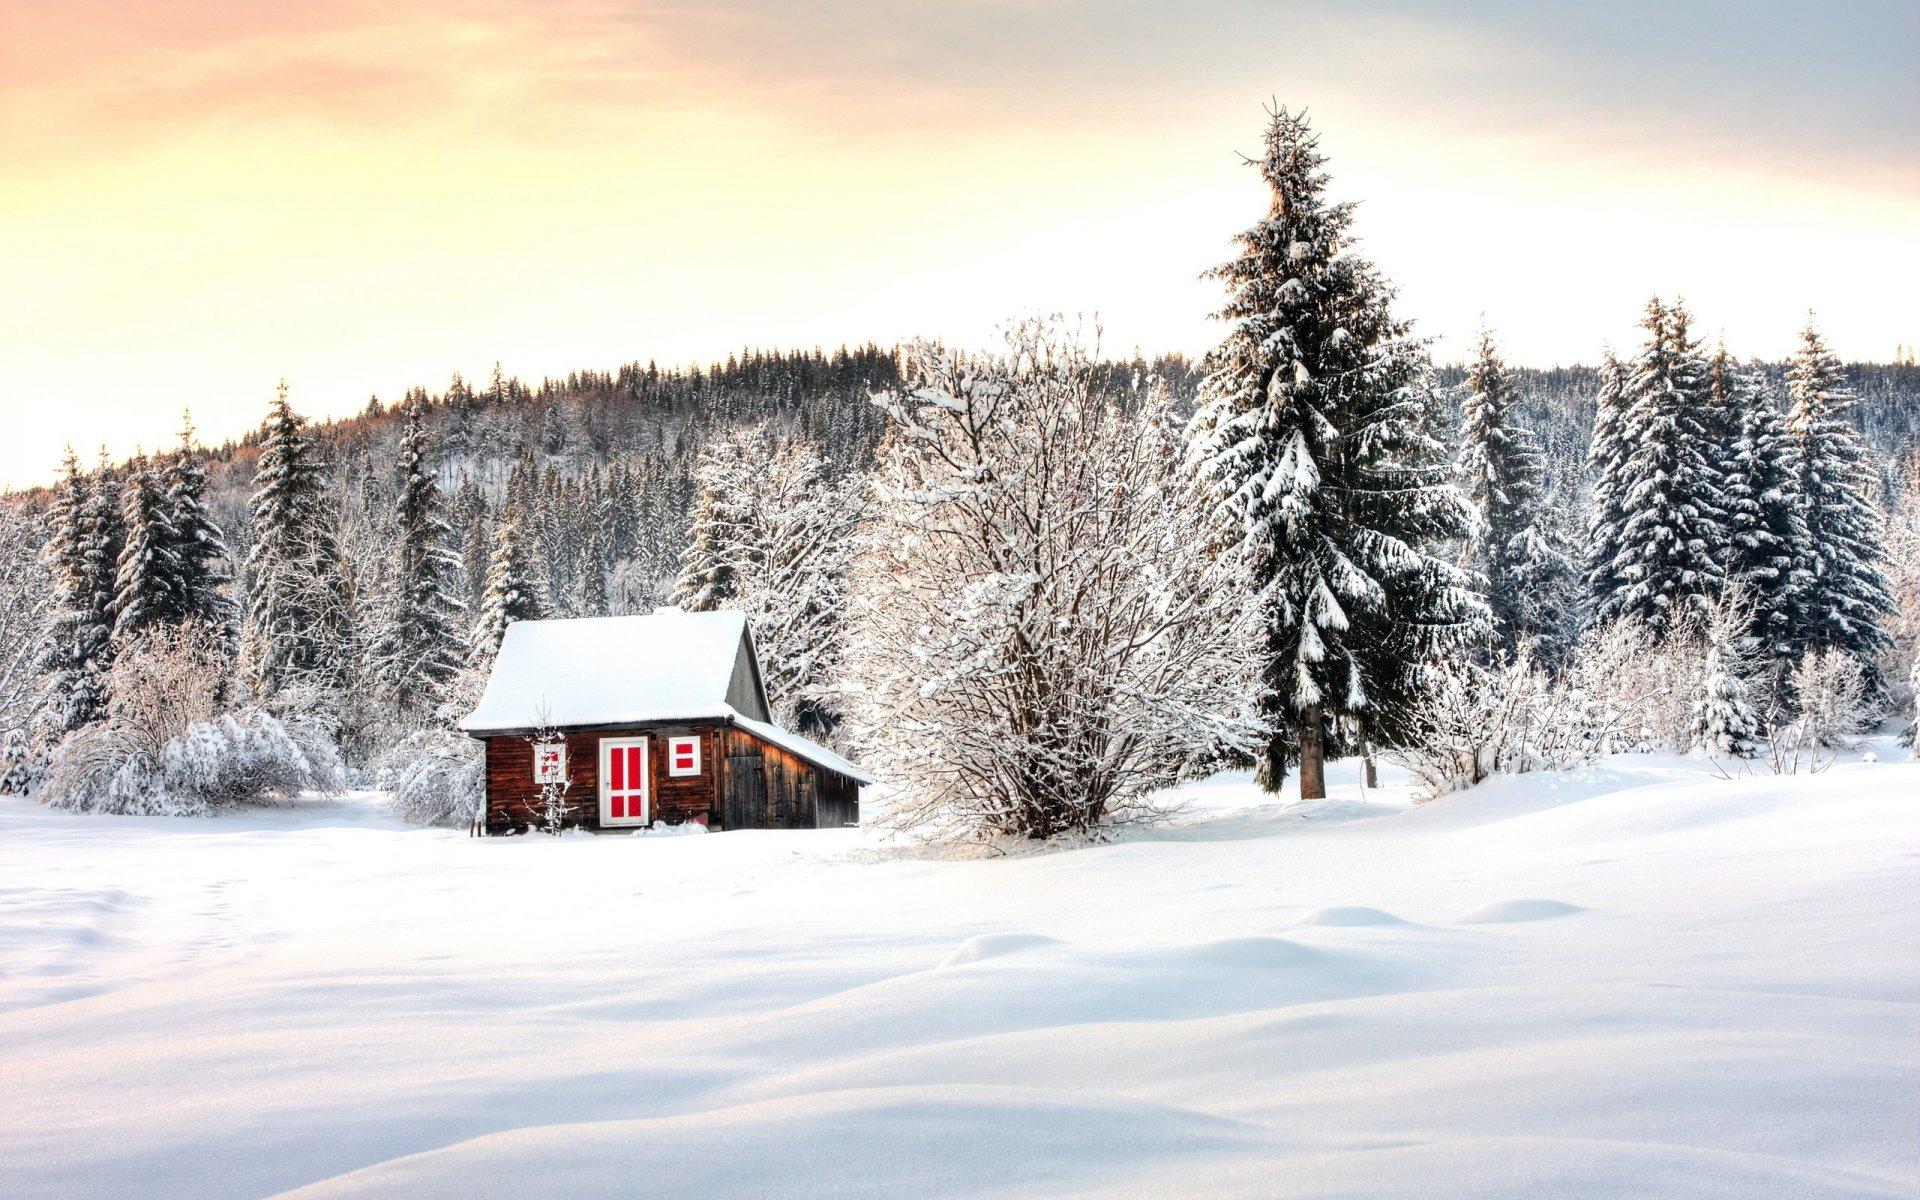 мозга картинка домика в снегу имеет ослепительное